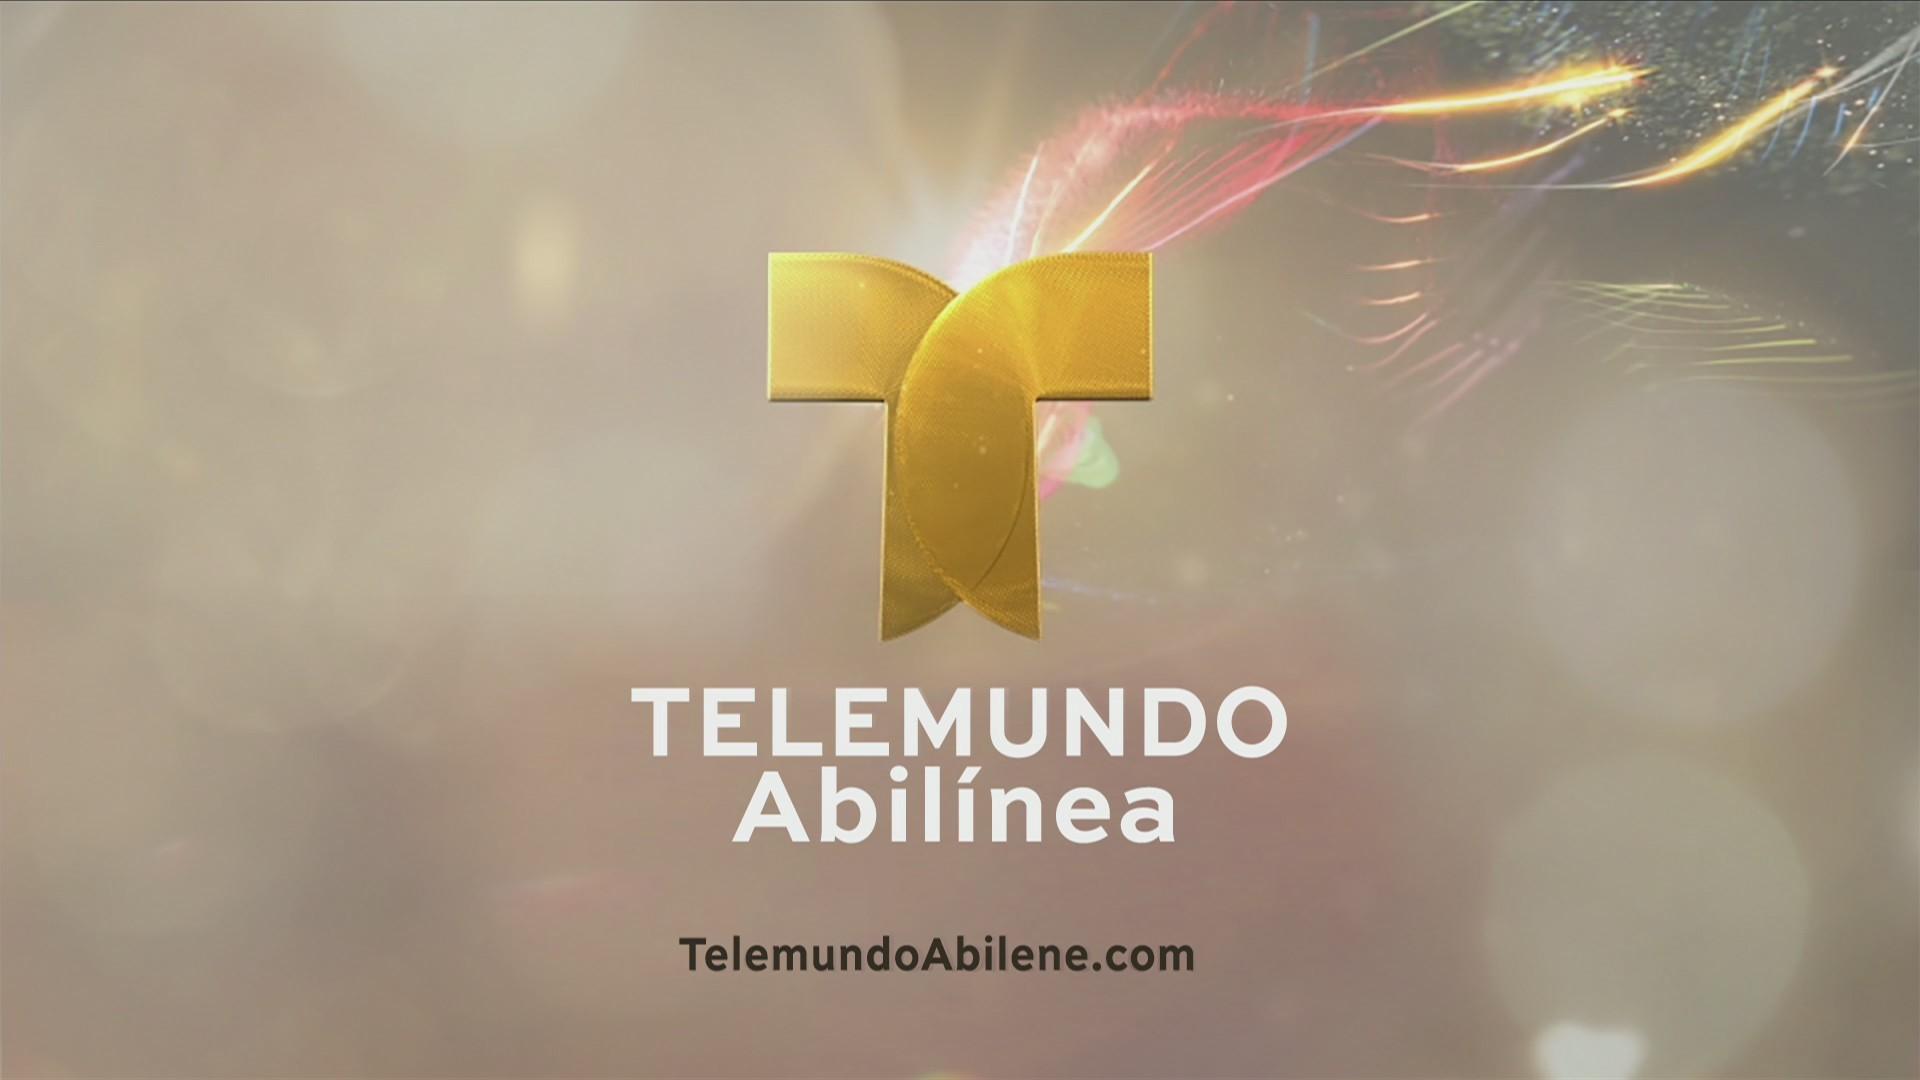 Telemundo Abilínea - 13 de mayo, 2019